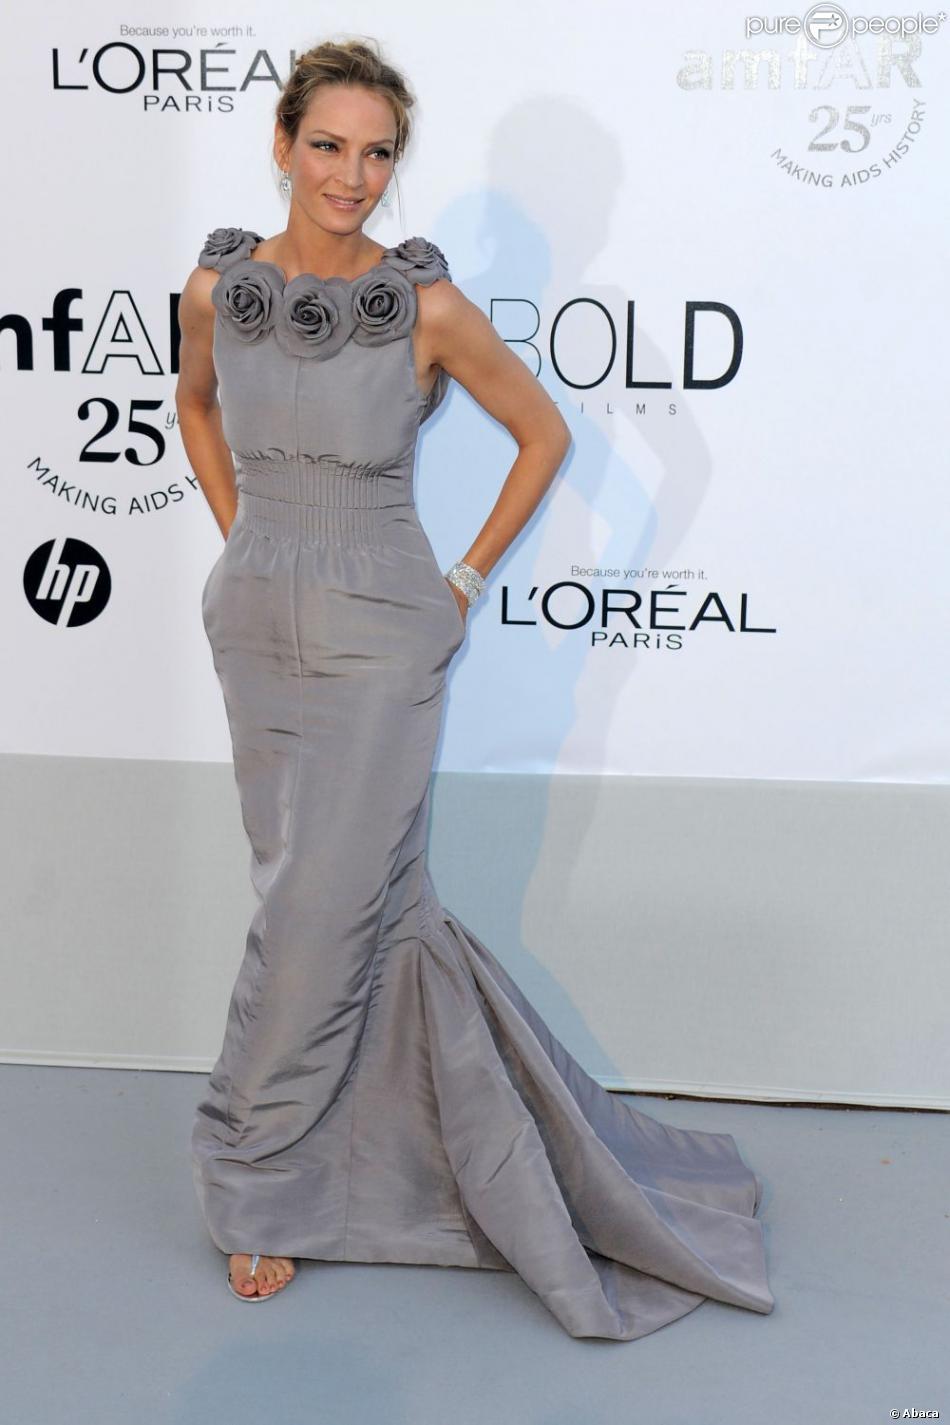 Modele de robe soiree 2011